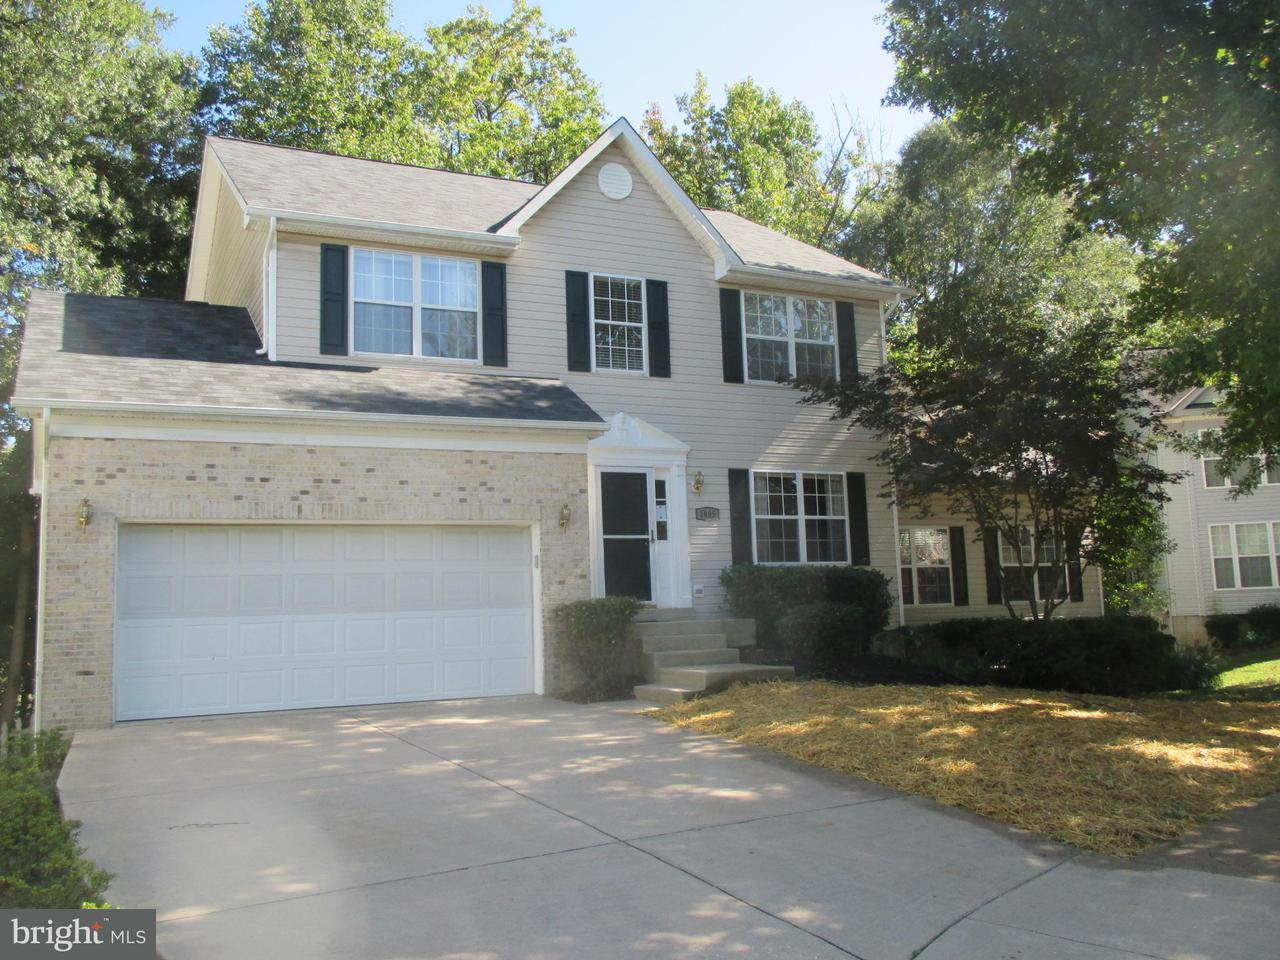 Casa Unifamiliar por un Venta en 1805 HILLBURNE WAY 1805 HILLBURNE WAY Crofton, Maryland 21114 Estados Unidos